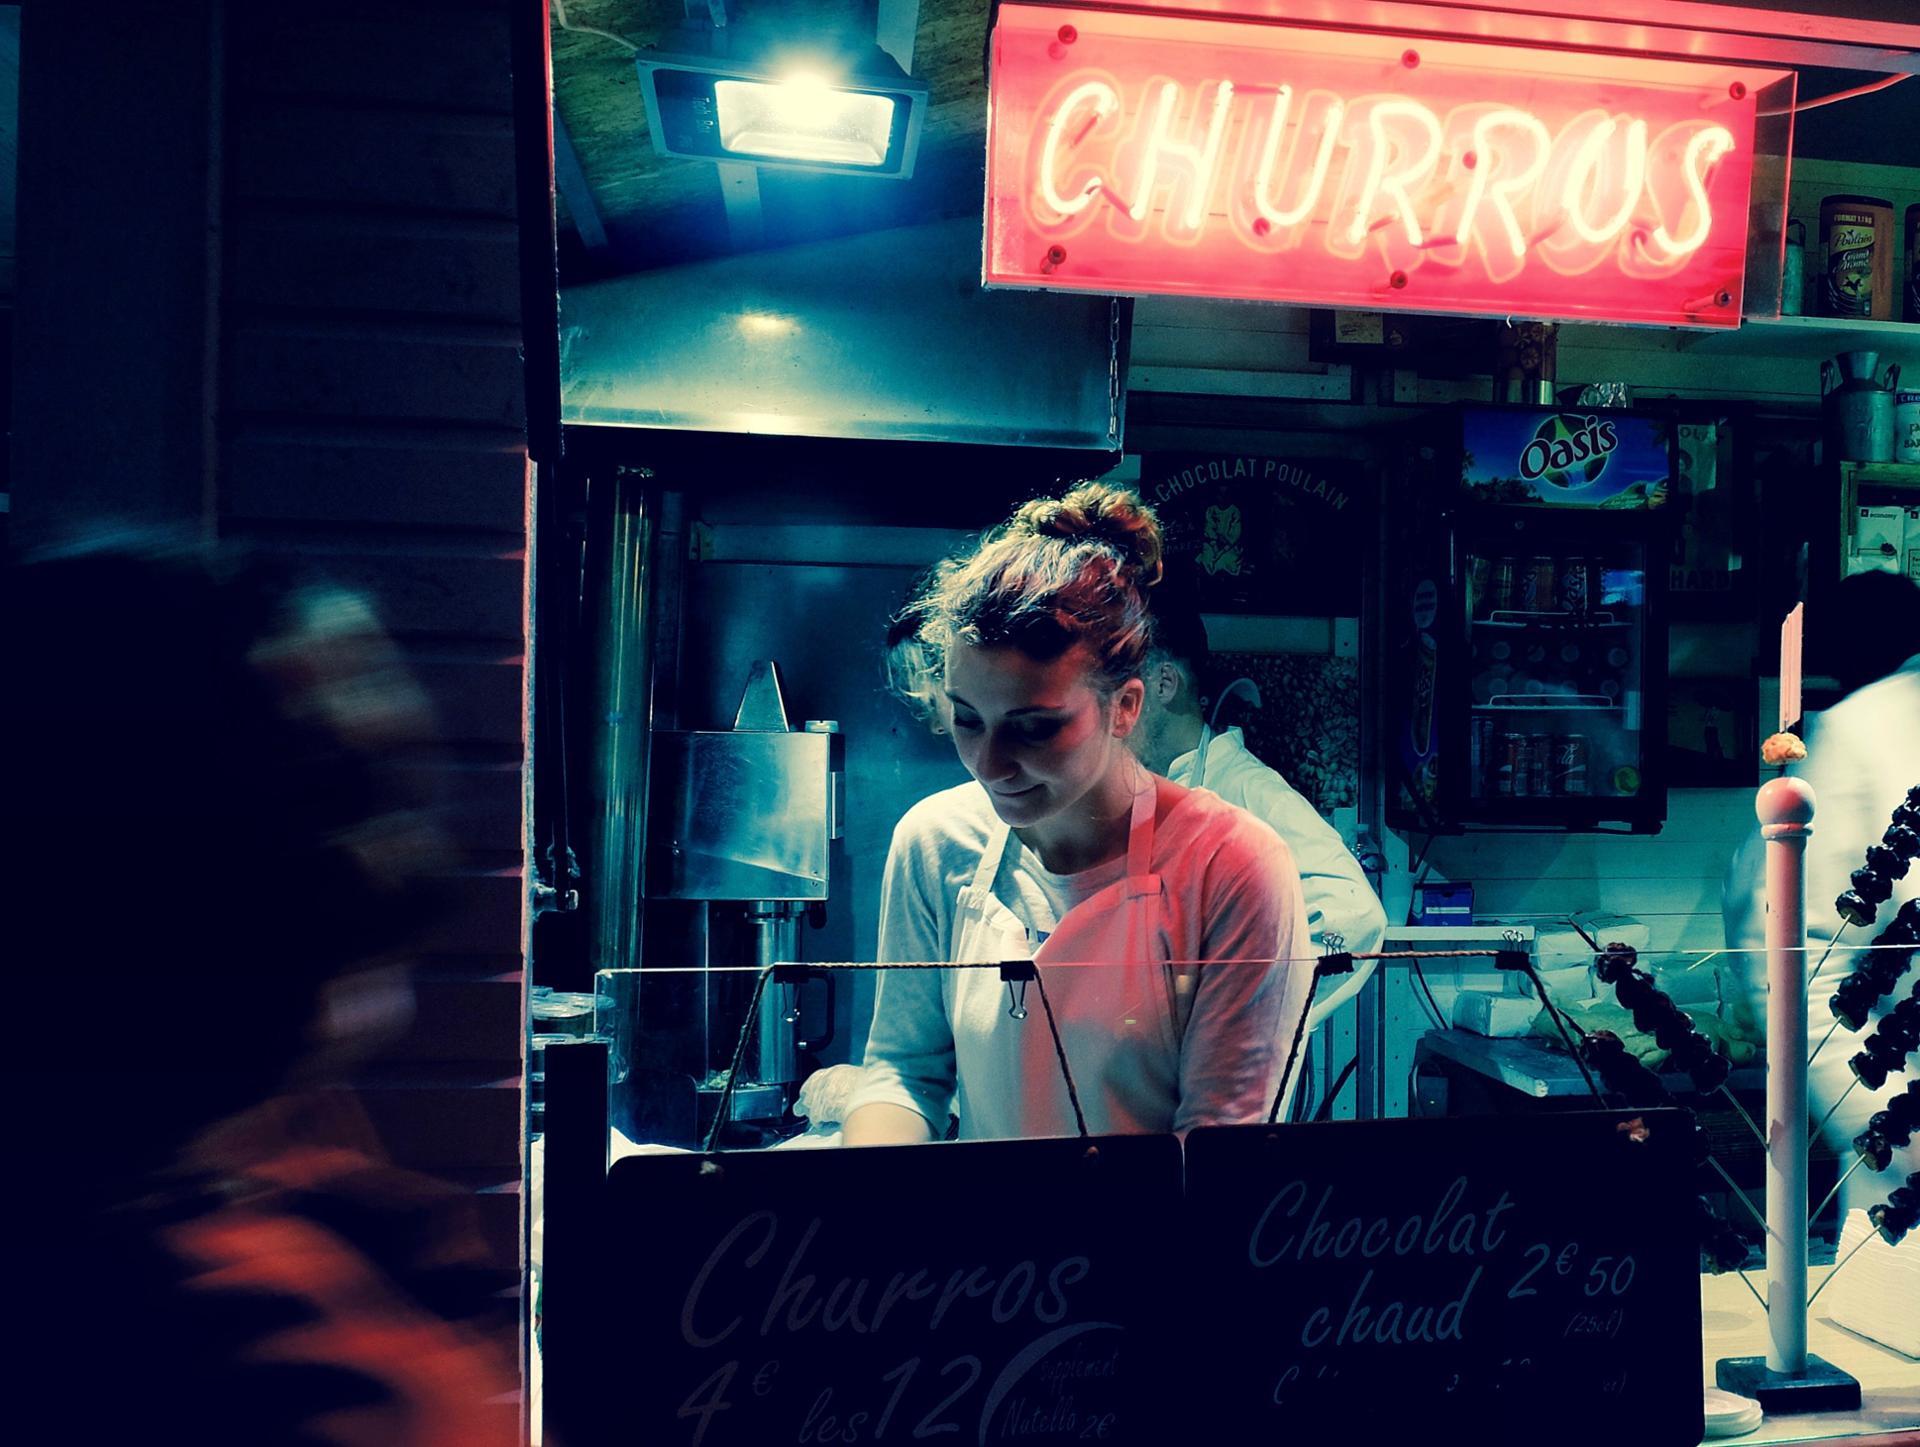 La vendeuse de churros